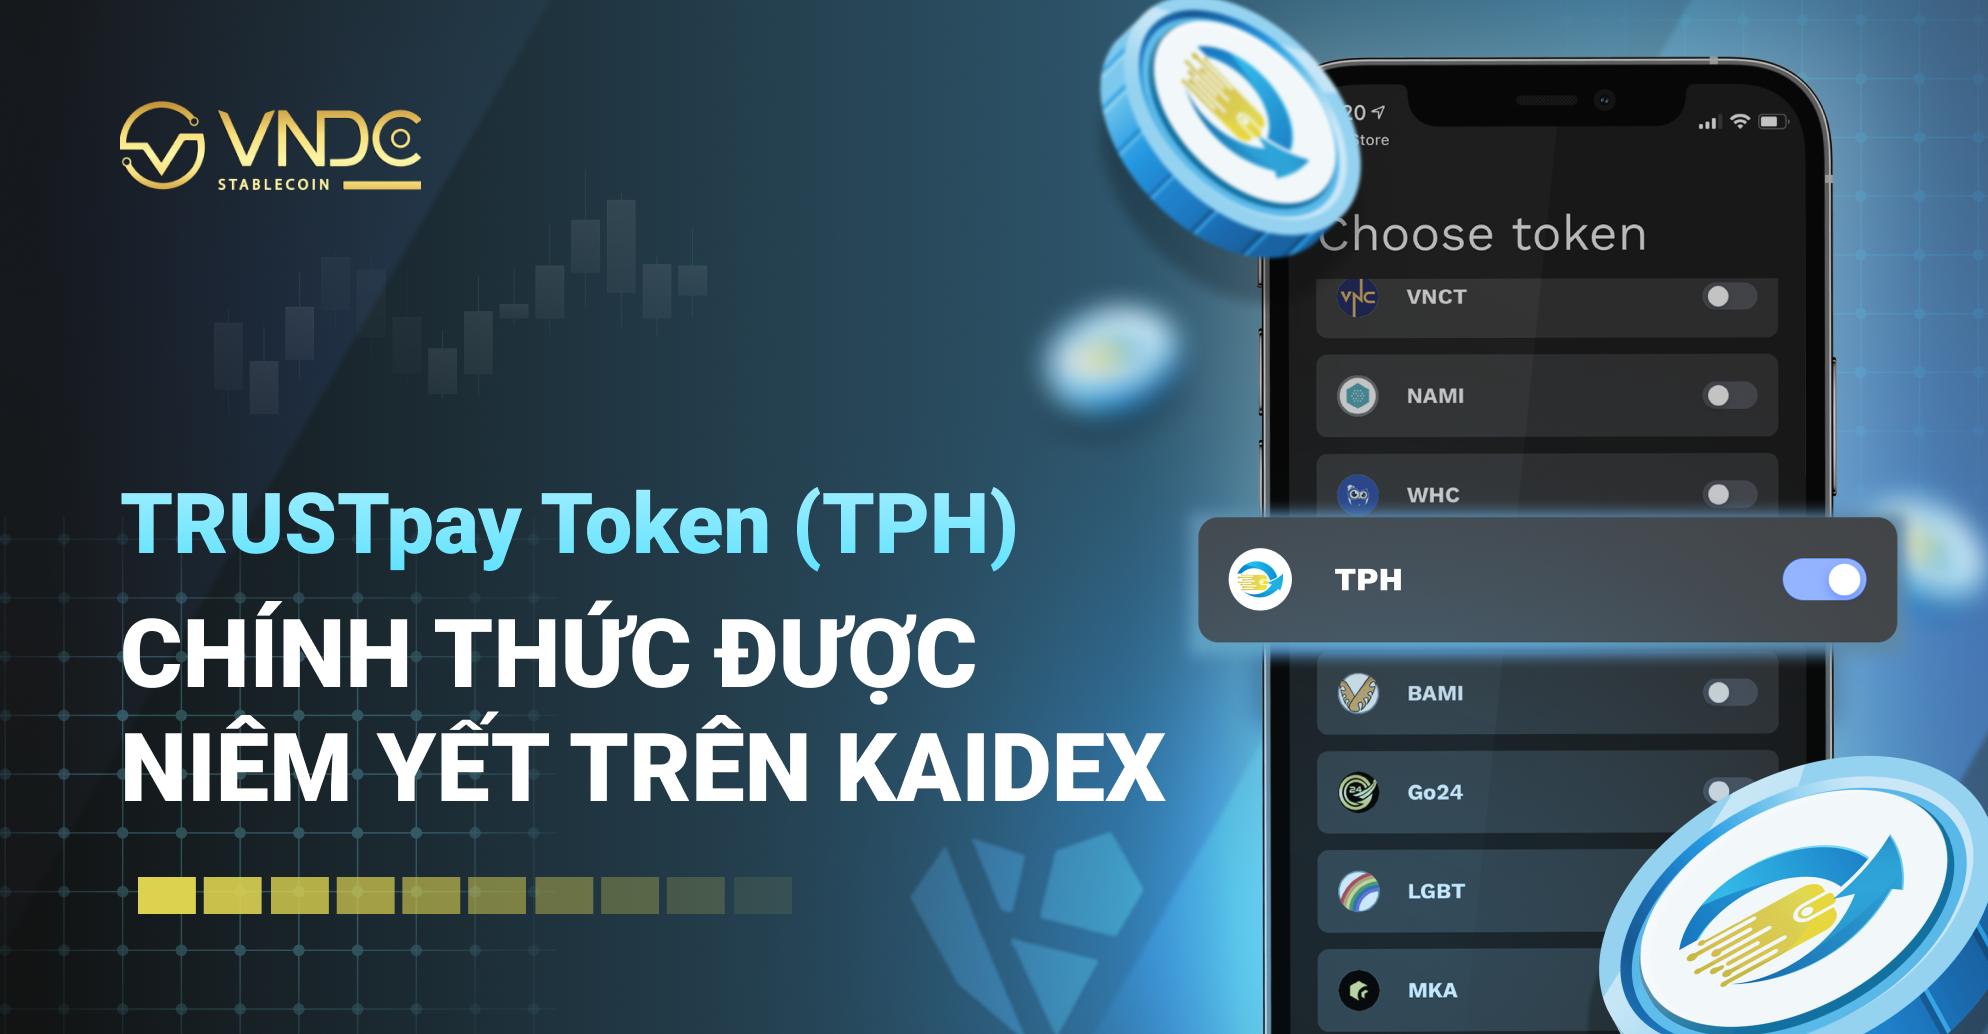 TRUSTpay Token (TPH) chính thức được niêm yết trên KAIDEX